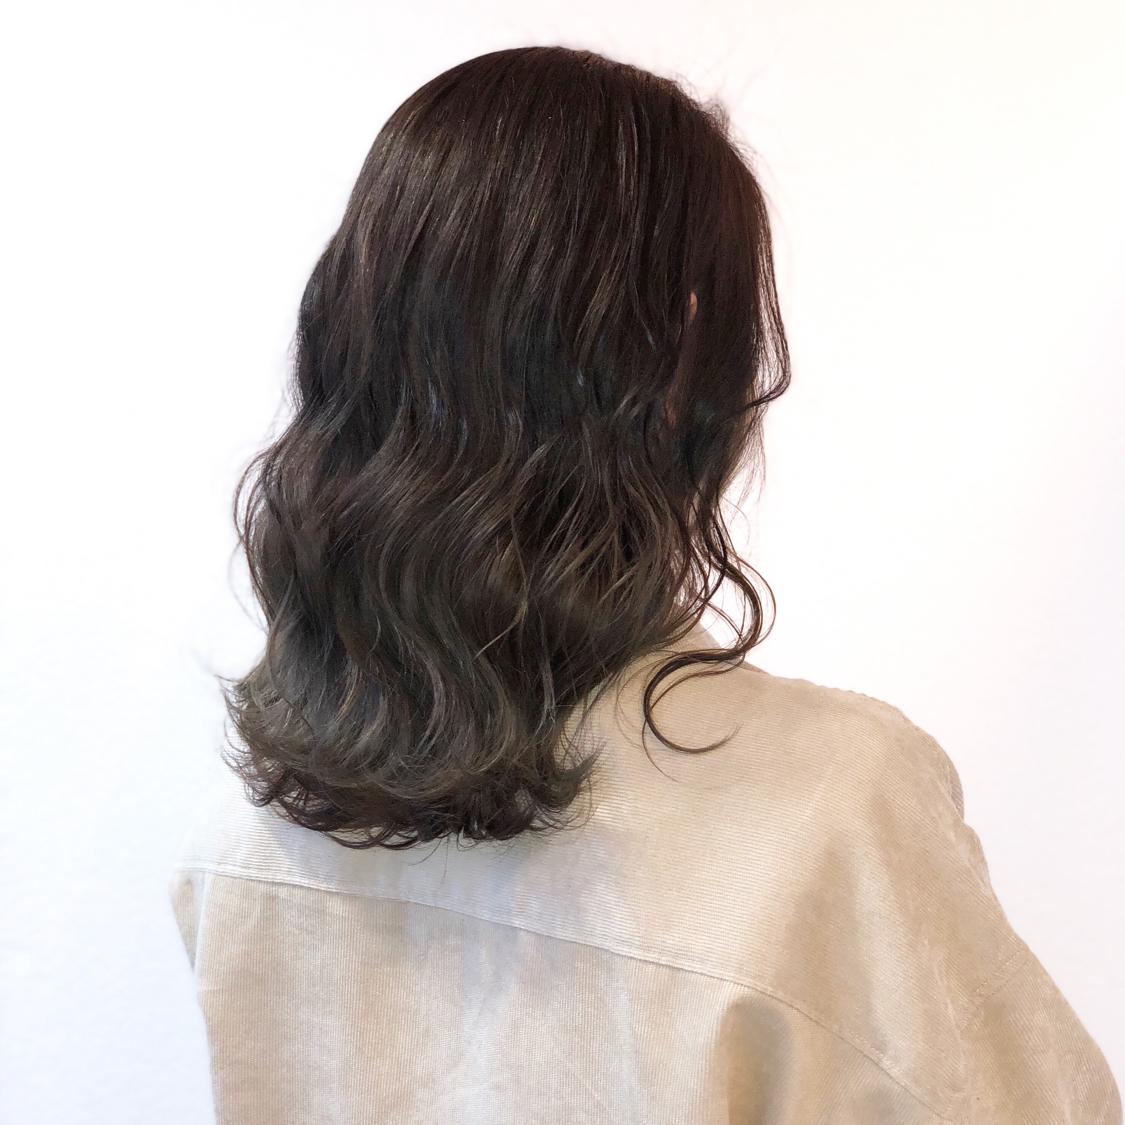 【アッシュグレージュcolor】 バレイヤージュcolor,  全体ブリーチだと髪へのダメージが心配で、色落ちの金髪も気になる方が多いと思います。 でも透明感欲しくて、綺麗な色やしたい色はブリーチ使用してる事が多いので、今回はハイライトを全体に入れて理想的な透明感あるアッシュグレージュを実現!  一度ハイライト入れてたら 毎回ハイライトしなくても履歴あればワンカラーで何度か楽しめるのでオススメです^ ^  仕上げは26㍉で波&mix。  N.ポリッシュオイルで完成!  #岡山美容室#岡山美容師#サロンモデル#サロンスタイル#グレージュカラー #外国人風グラデーションカラー#hair#オシャレ#波ウェーブ#hairstyle#haircolor#3dカラー#髪型#古作蓮#フォローしてくれた人全員フォローする #外国人風#beauty#西海岸風#撮影モデル#美容室MICHI#michi富田店#大元駅#大元駅美容室#stylist#followme#オリーブアッシュ #カリスマ美容師#アッシュグレー #サロンワーク#外国人風カラー